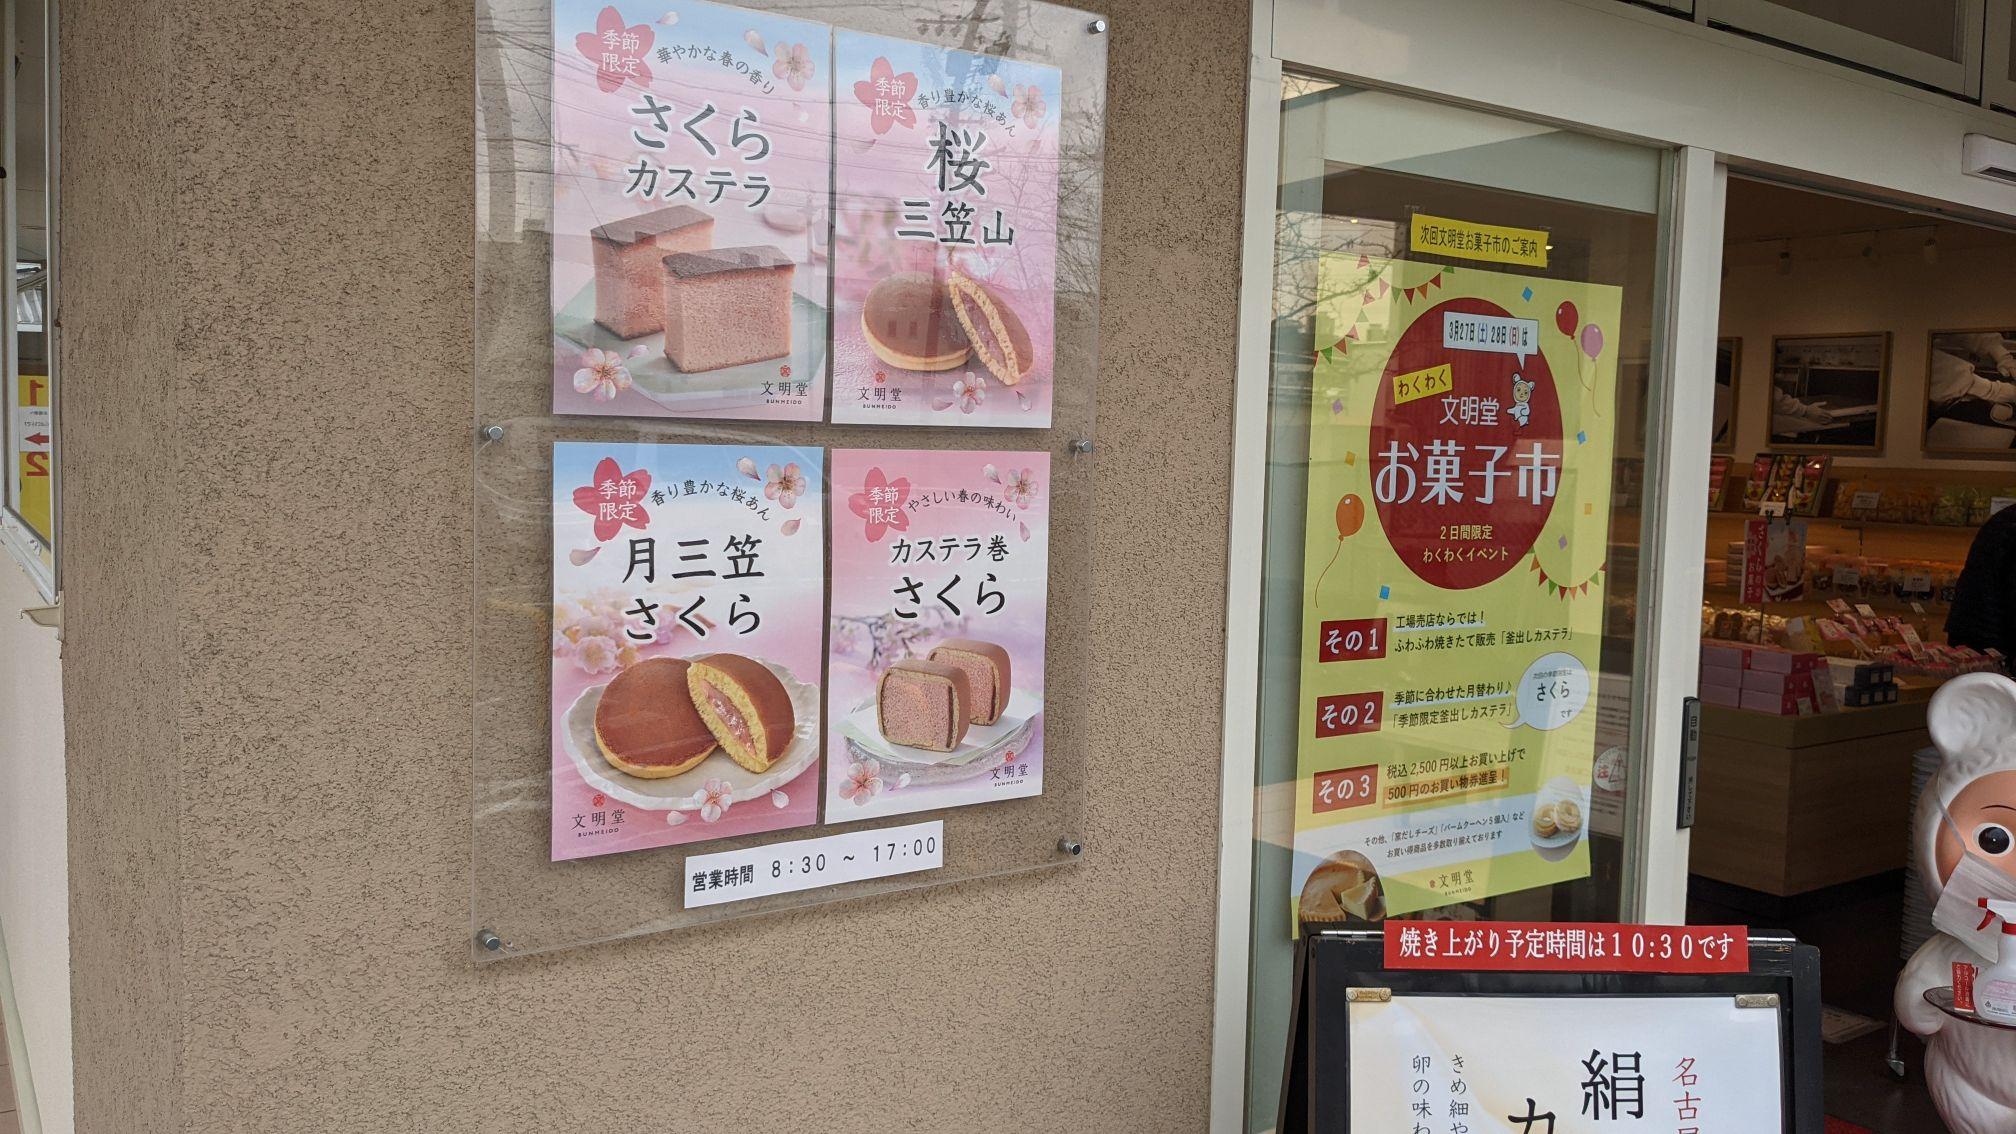 文明堂壹番舘名古屋工場売店のポスター